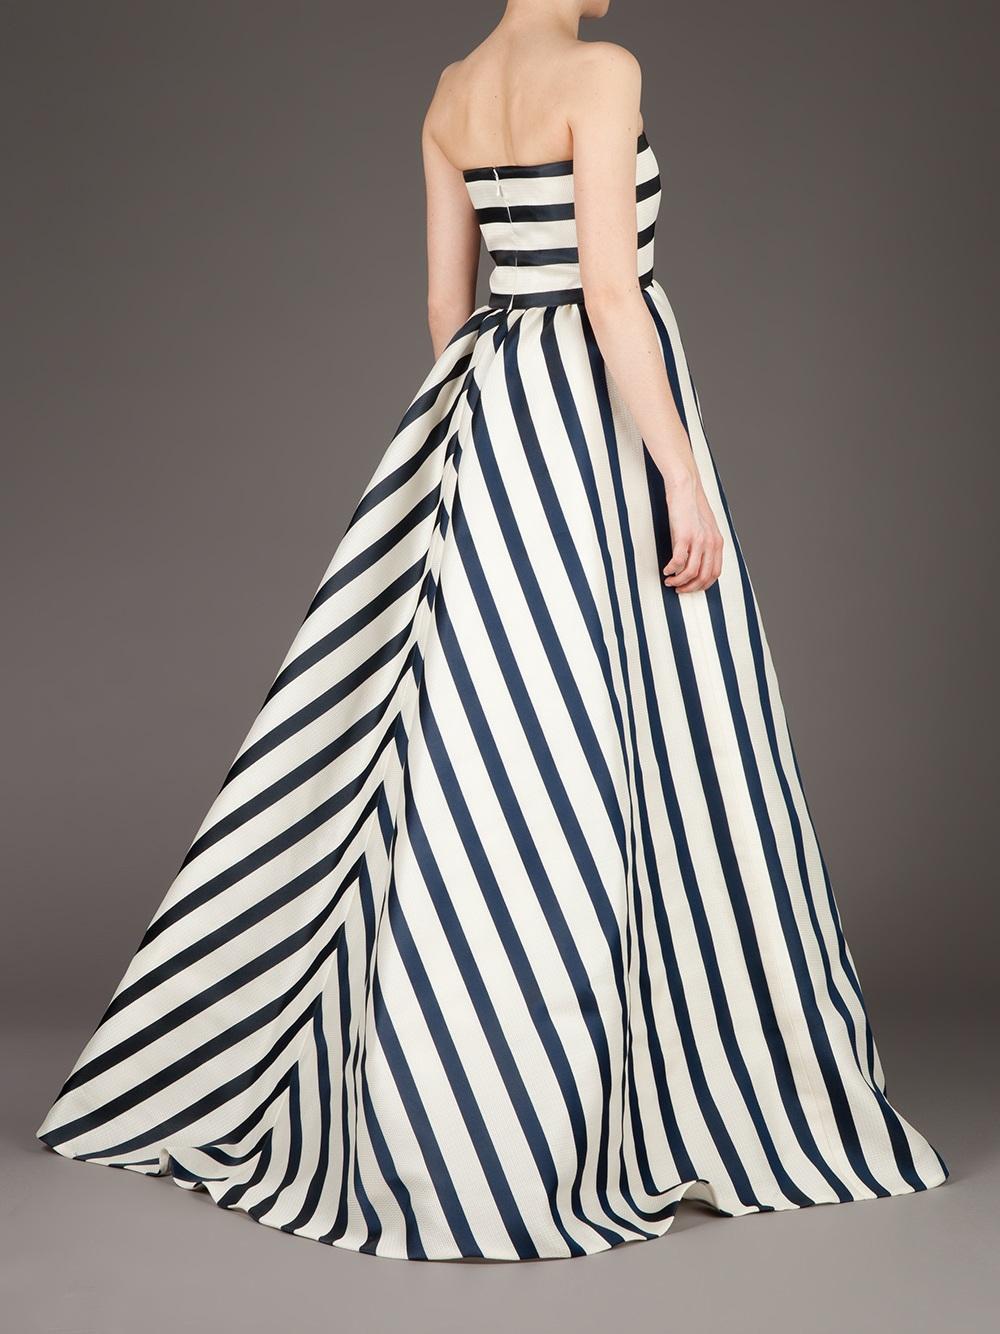 Oscar De La Renta Striped Evening Dress in White - Lyst